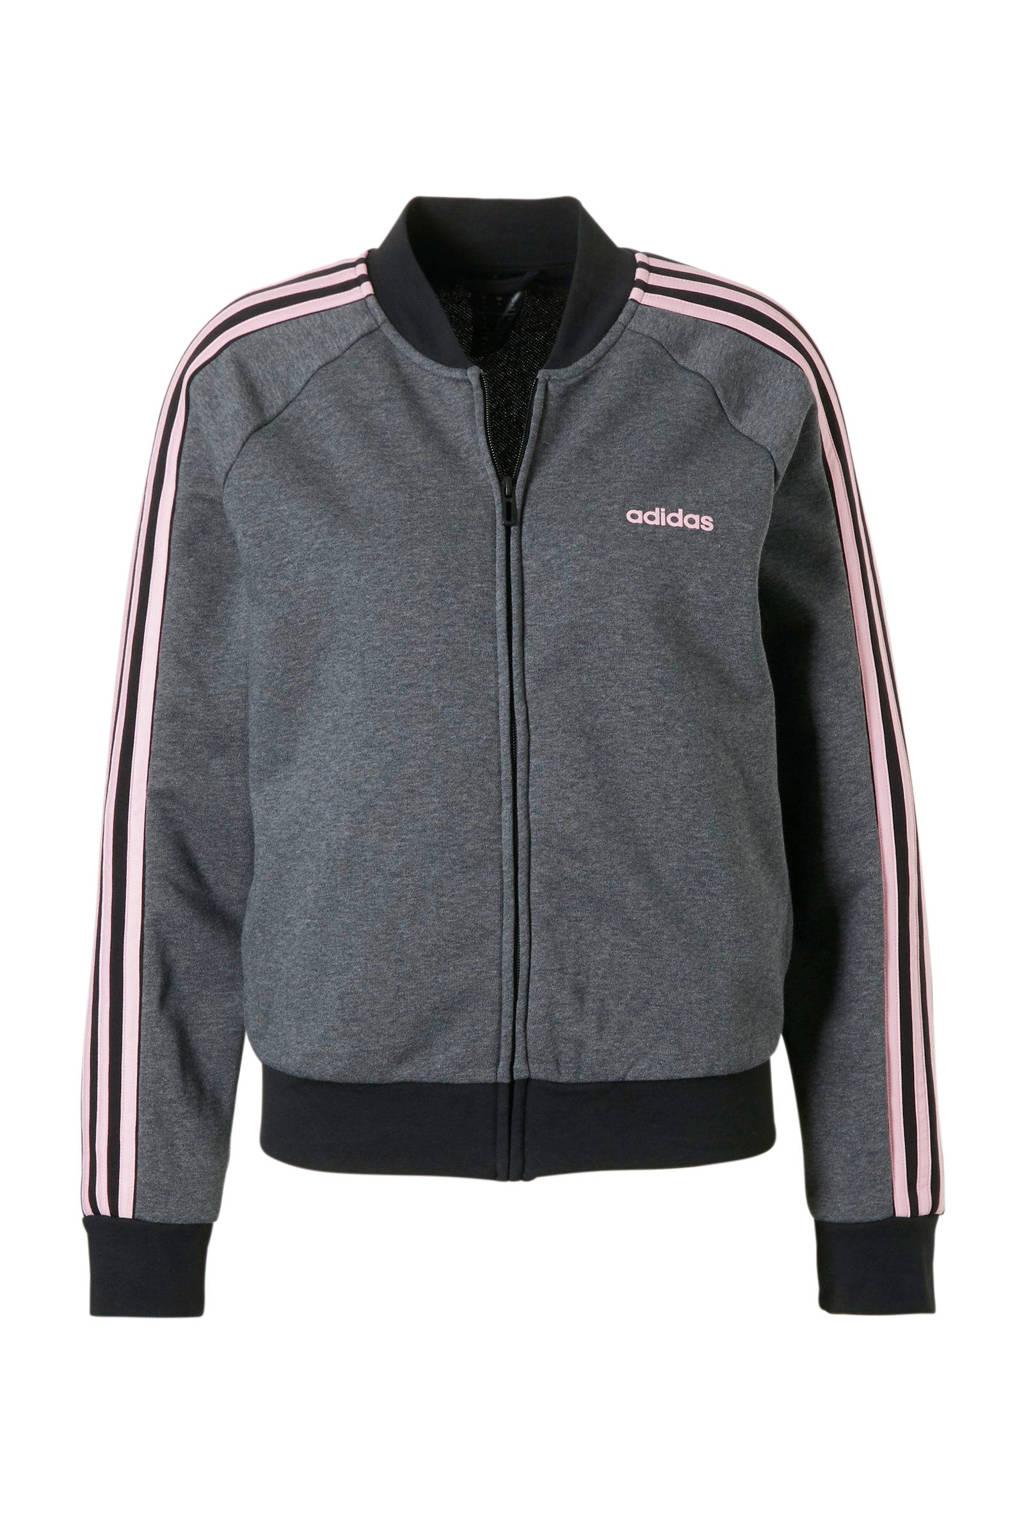 adidas performance sportvest grijs/zwart, Grijs/zwart/roze